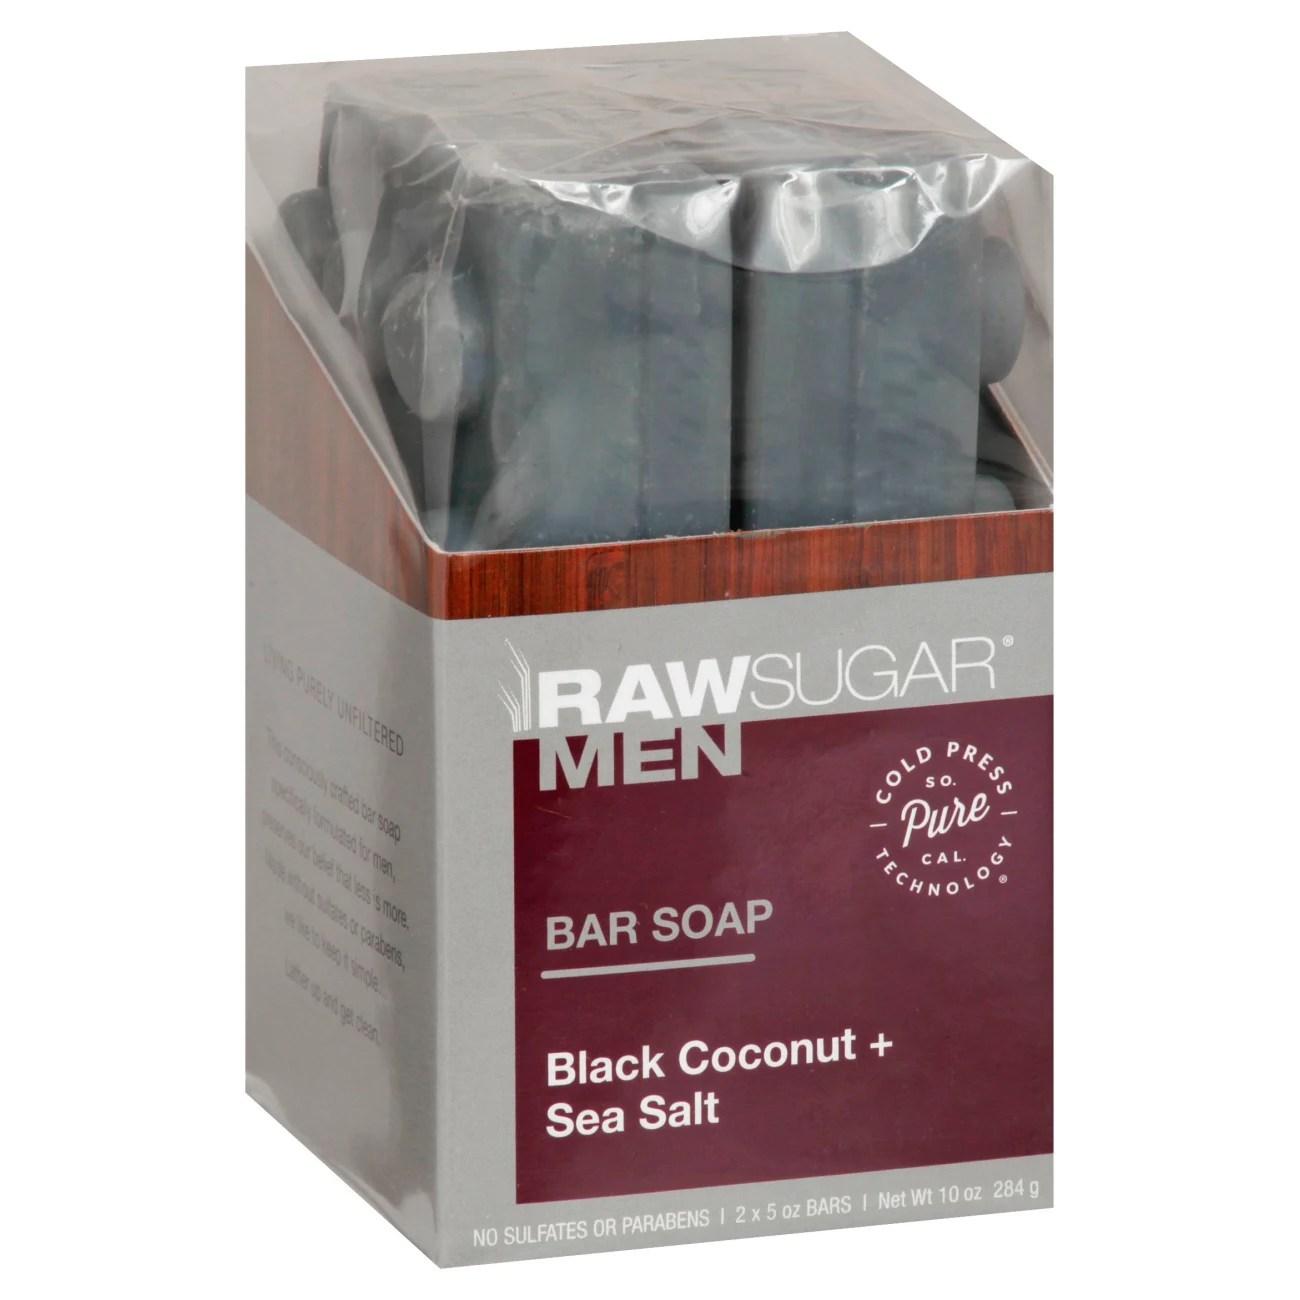 Raw Sugar Men's Bar Soap Black Coconut + Sea Salt - Shop ...